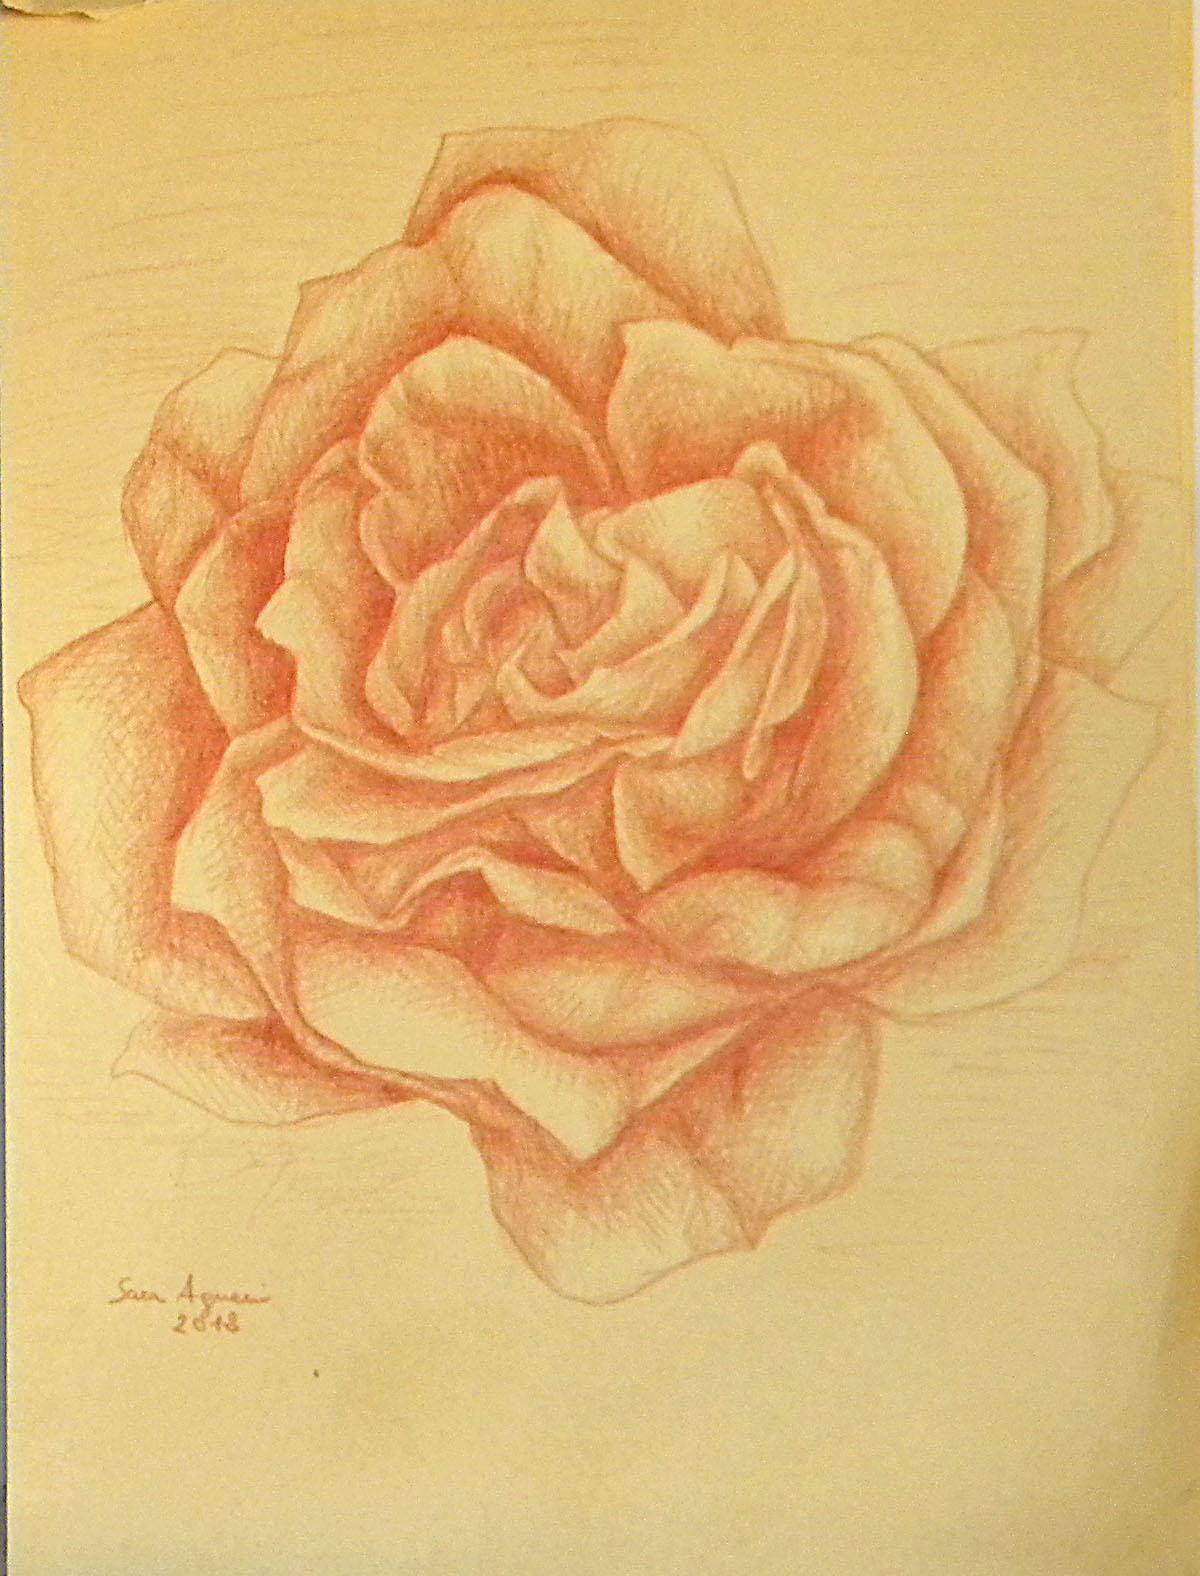 Dipinti disegni copie e rivisitazioni giugno 2012 for Cavallo disegno a matita